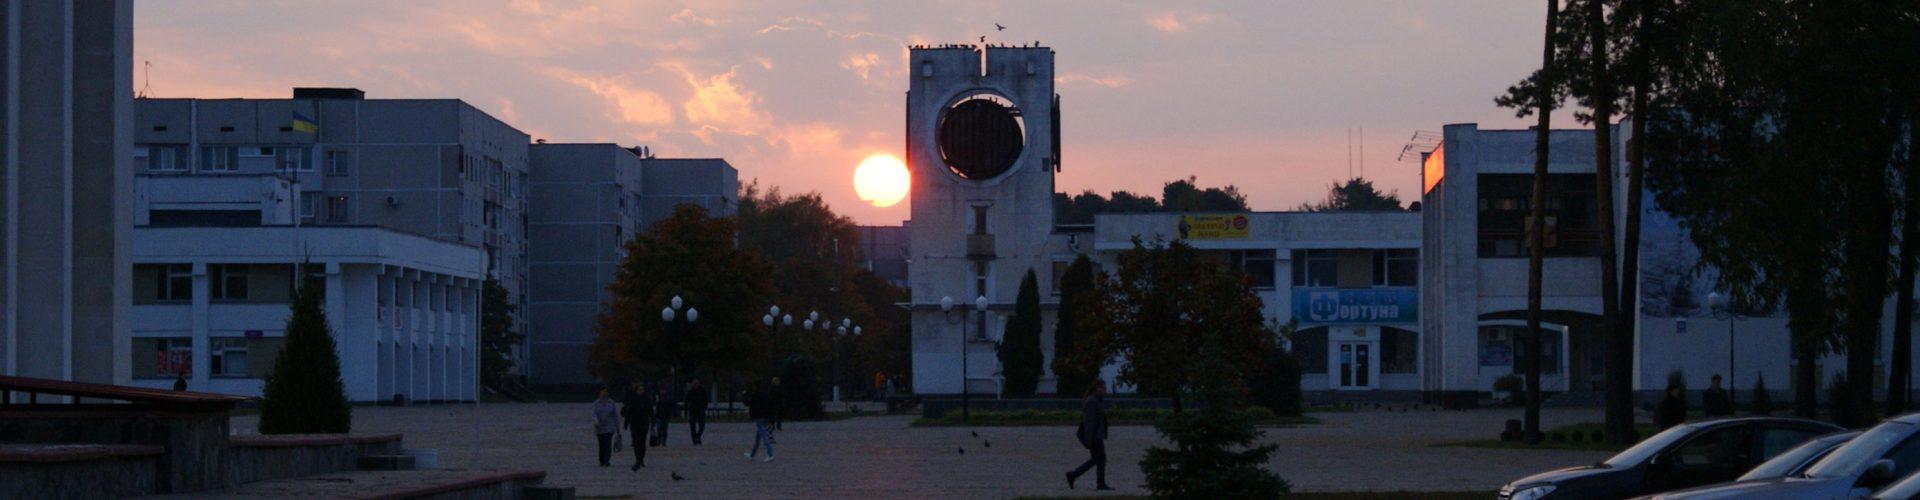 Sławutycz o świcie / Fot. Tomasz Róg